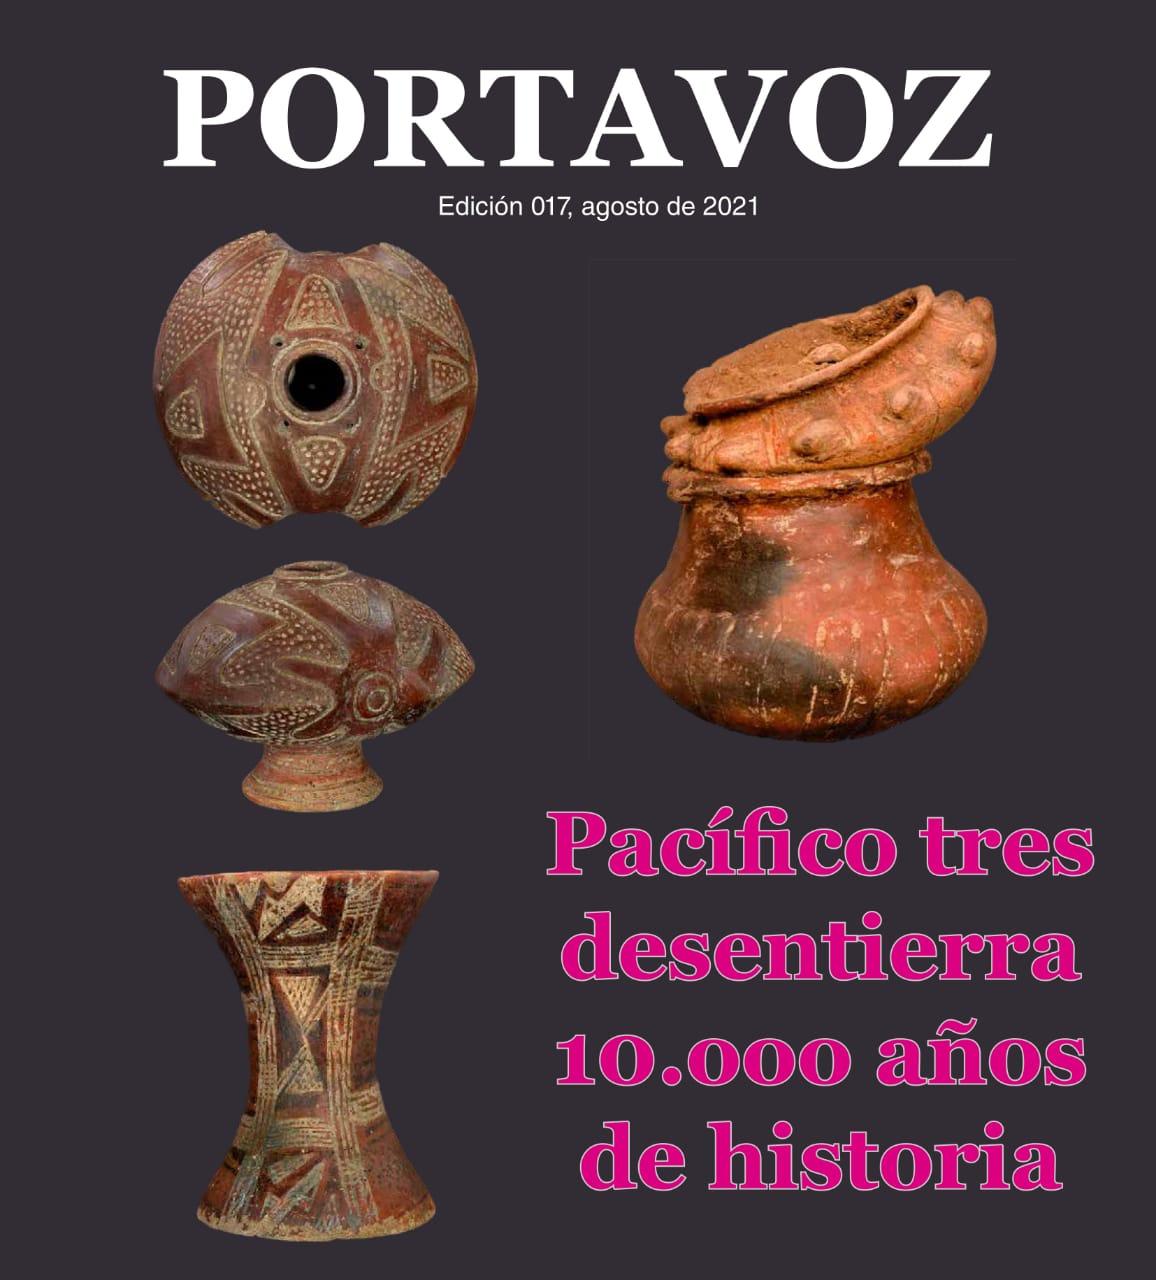 periódico PORTAVOZ, edición 017